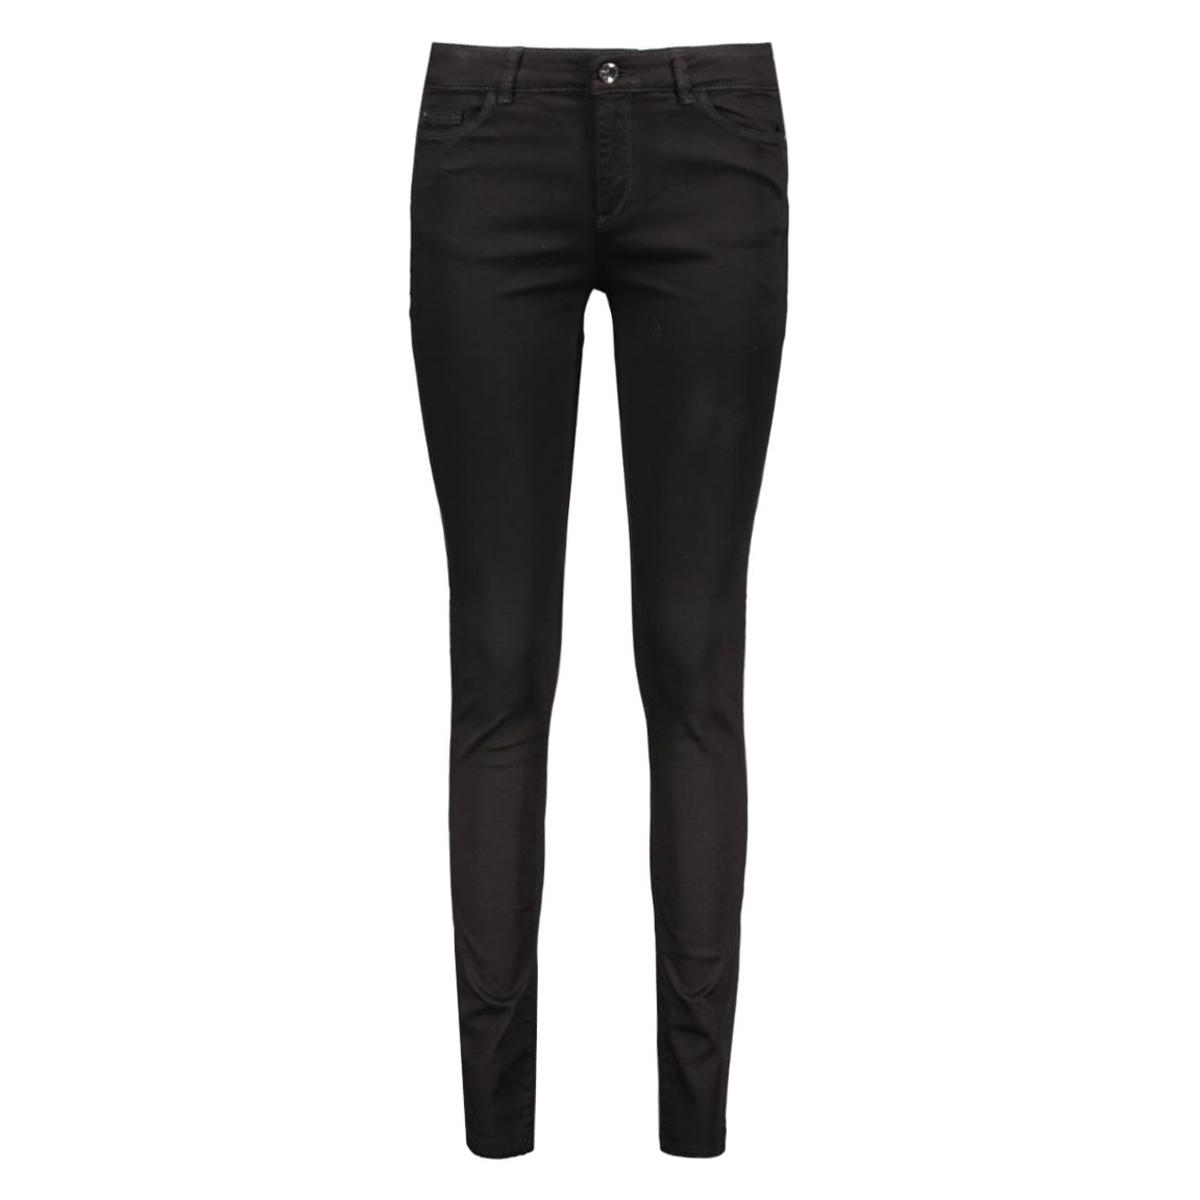 086eo1b004 esprit collection jeans e001